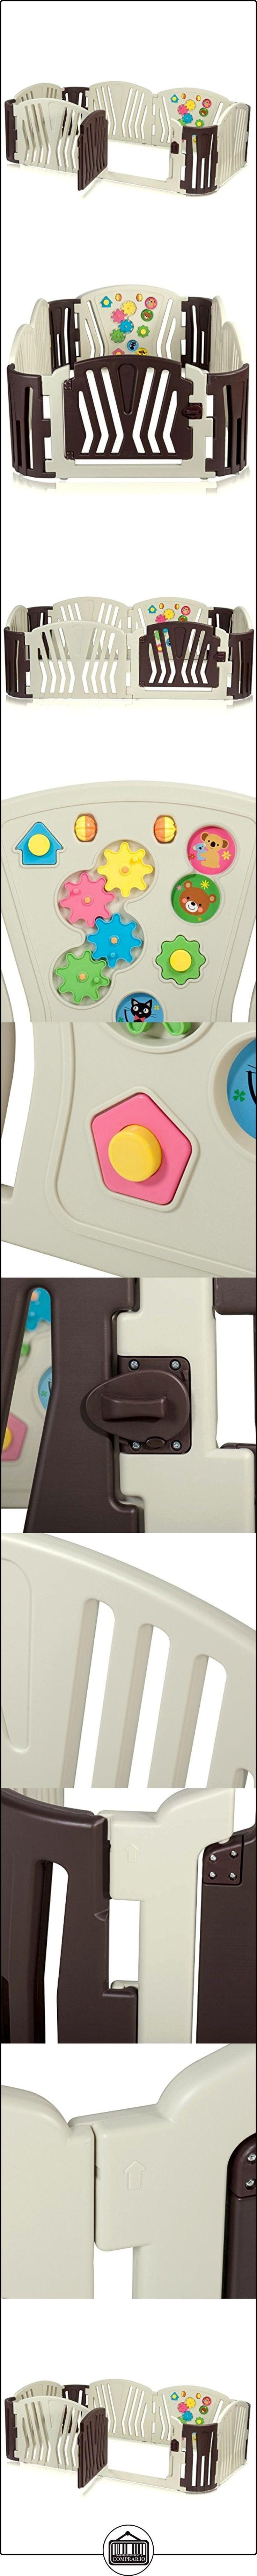 BABY VIVO Parque corralito plegable puerta robusto plastico bebe barrera de seguridad jugar Brown  ✿ Seguridad para tu bebé - (Protege a tus hijos) ✿ ▬► Ver oferta: http://comprar.io/goto/B06WW4NK2C